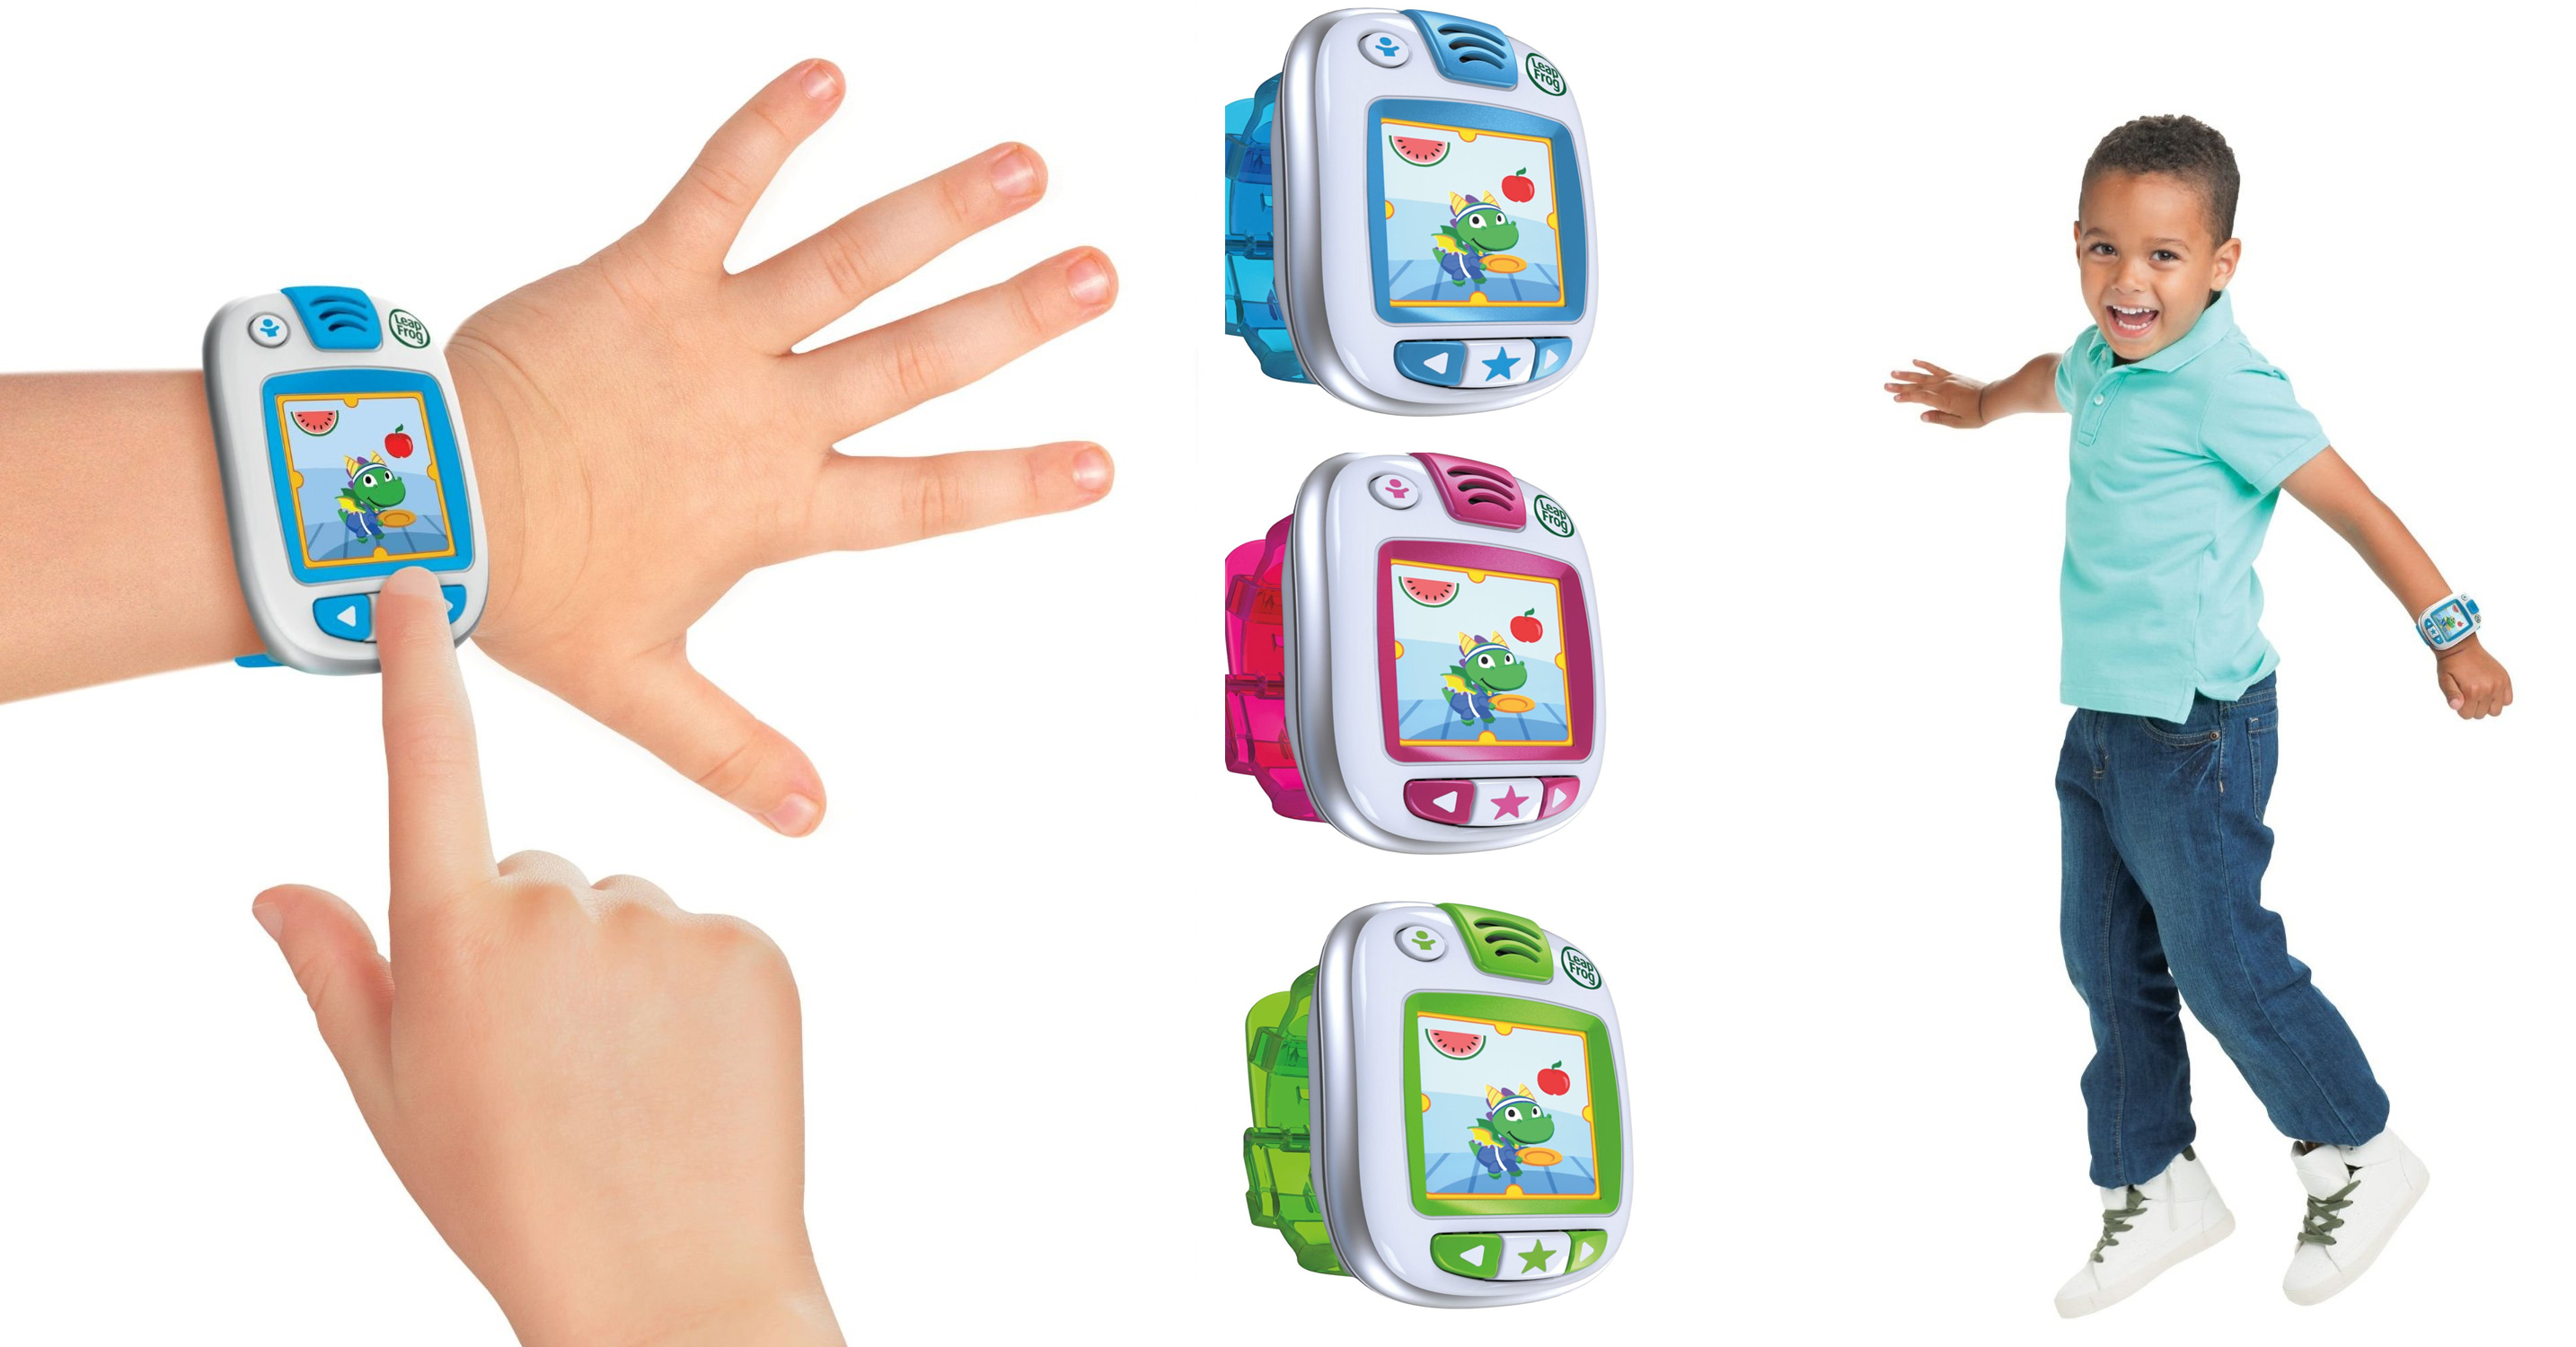 best tracker smarteatch for kids LeapFrog LeapBand